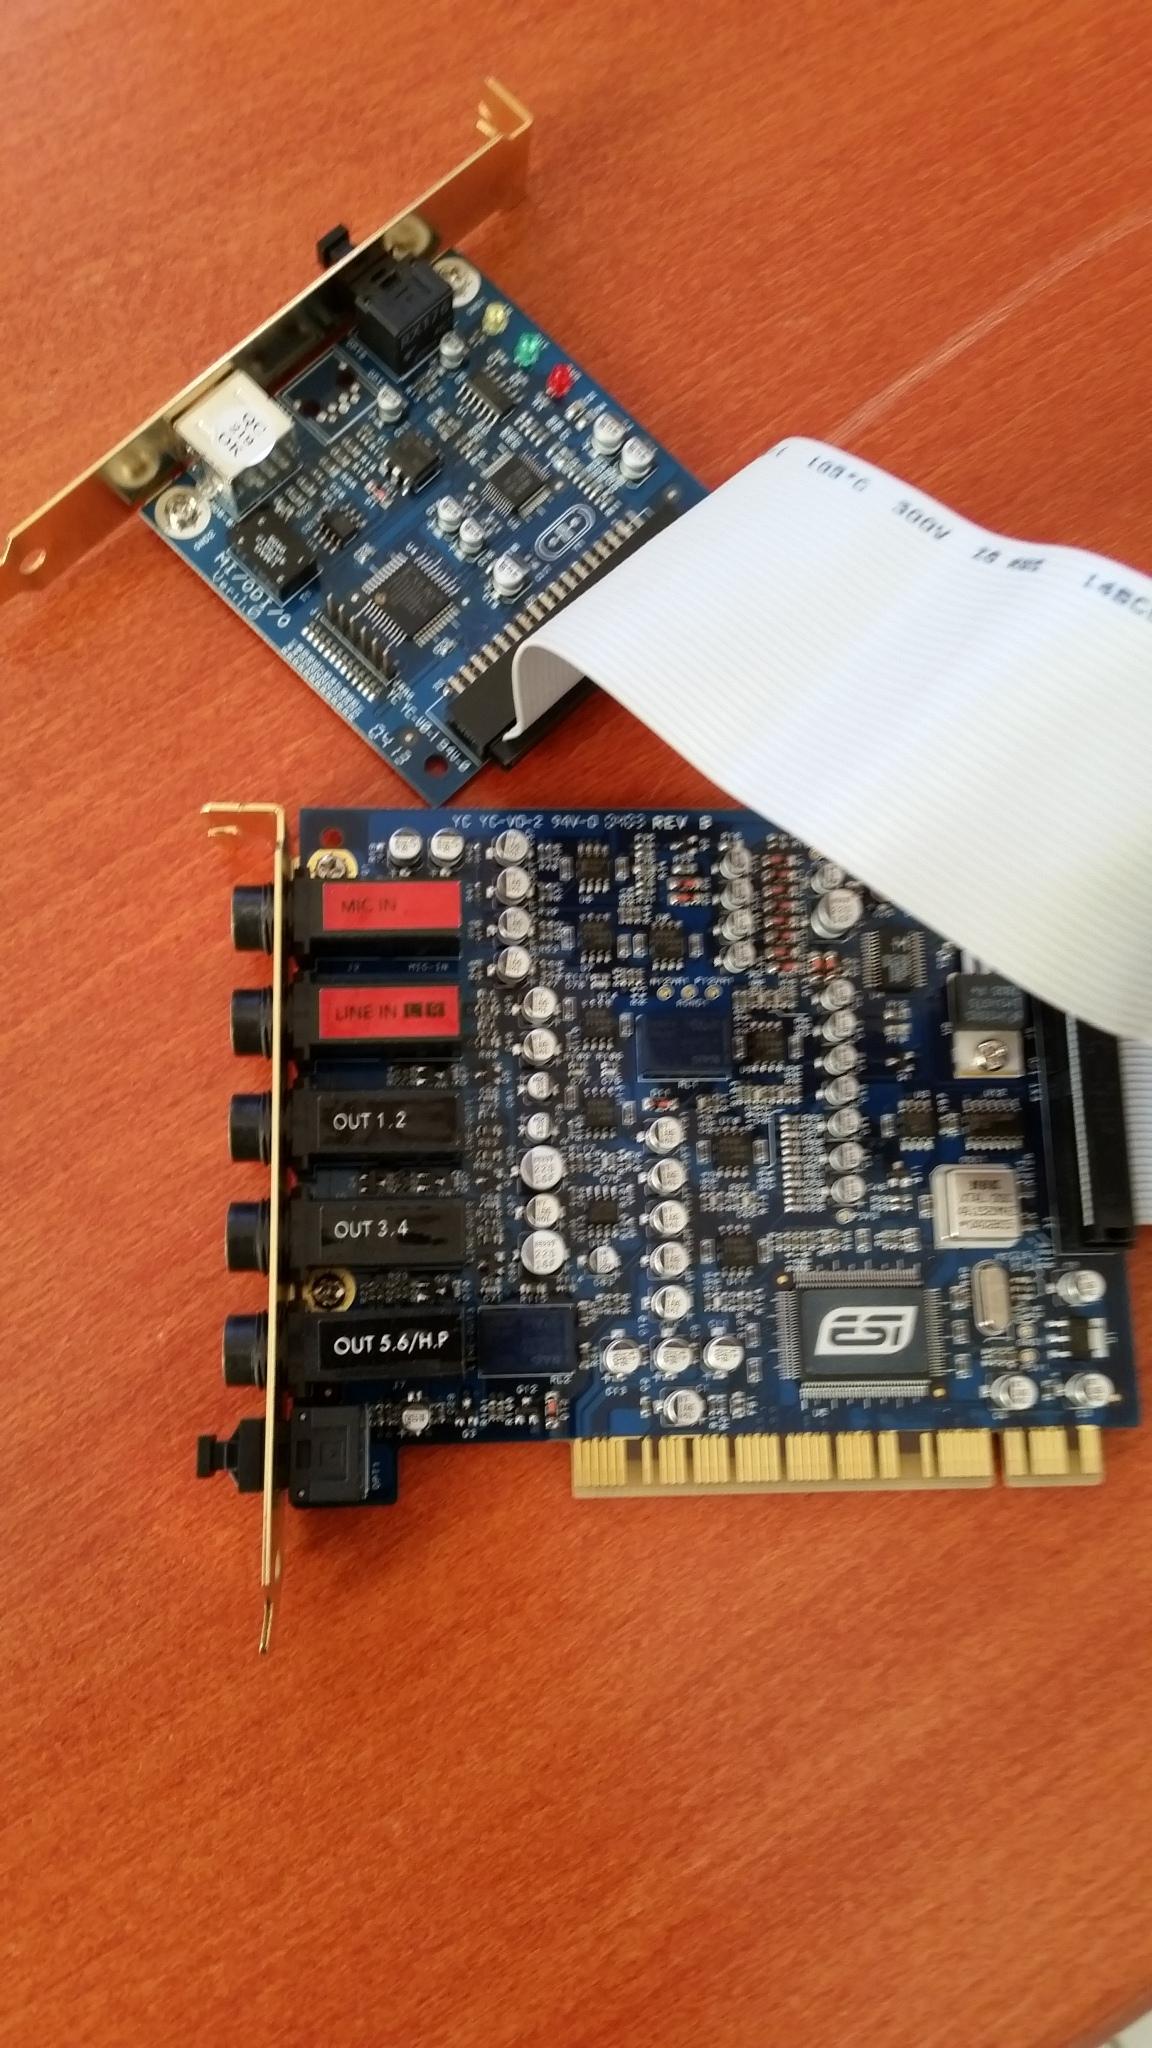 ESI Waveterminal 192 Audio